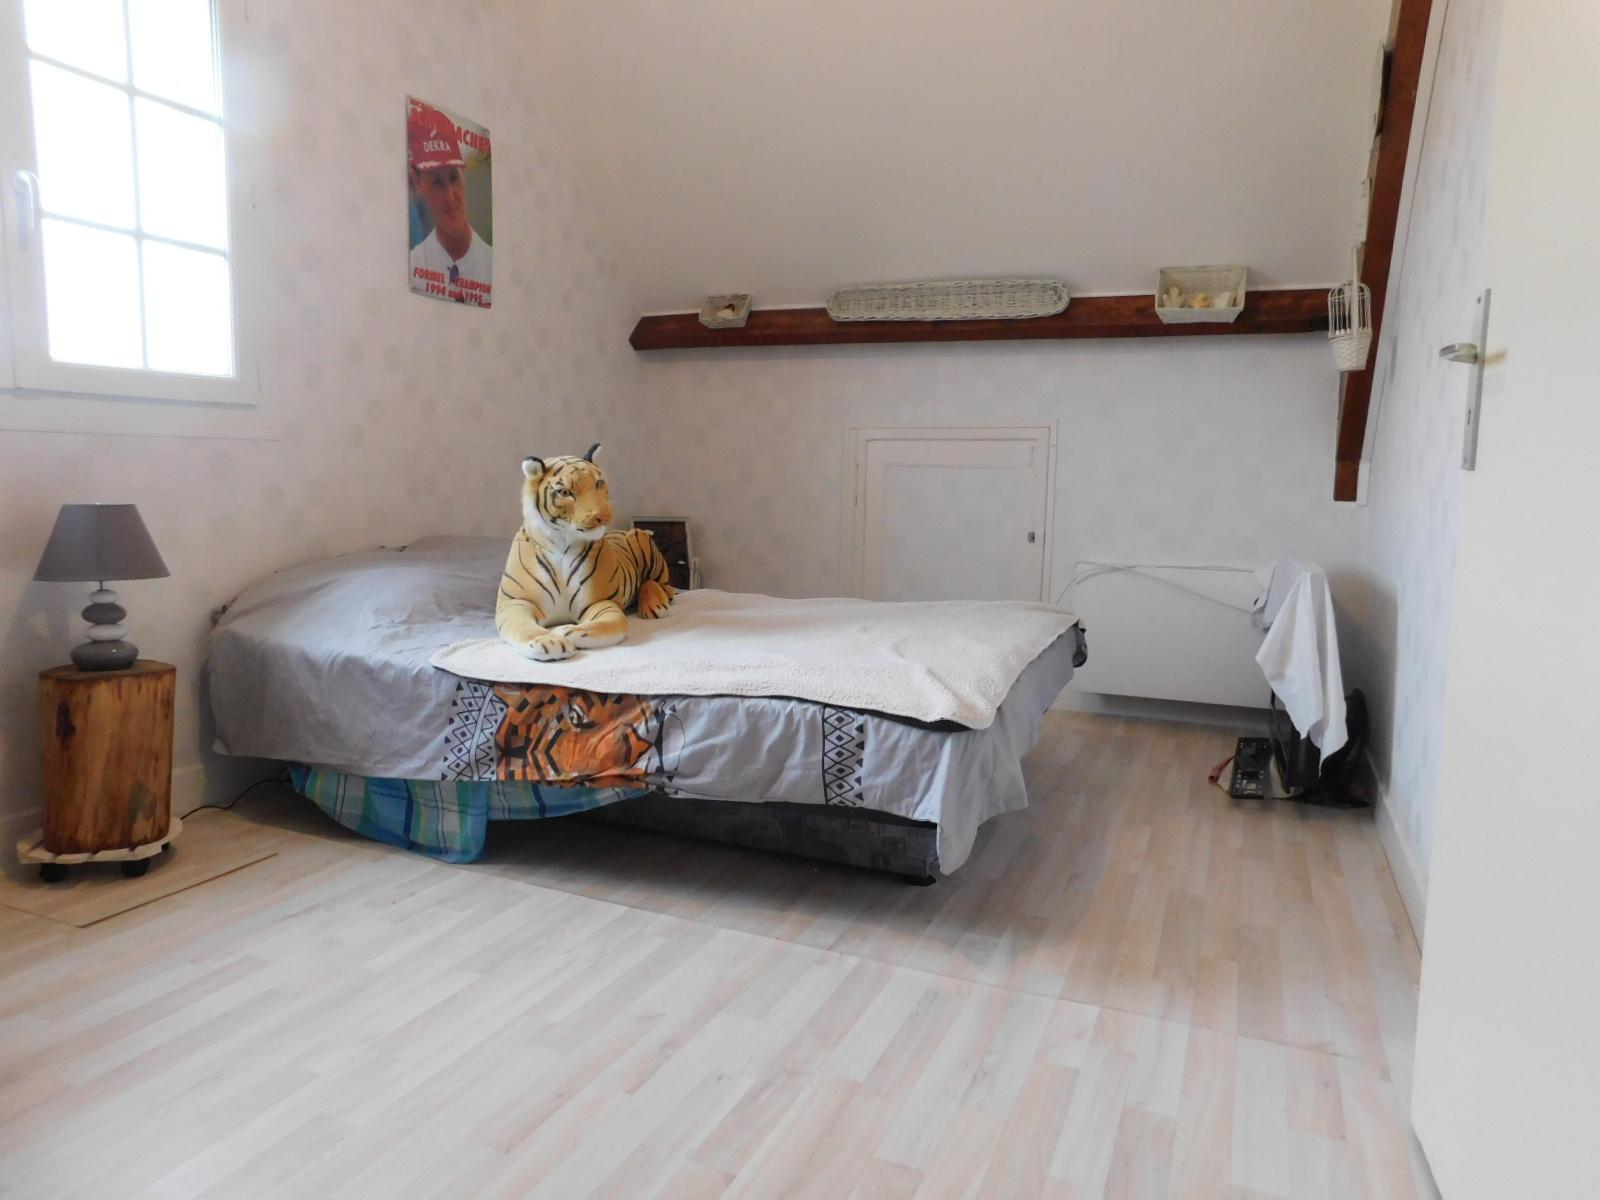 Vente Maison 6 pièces avec chambre et salle de bain au rdc